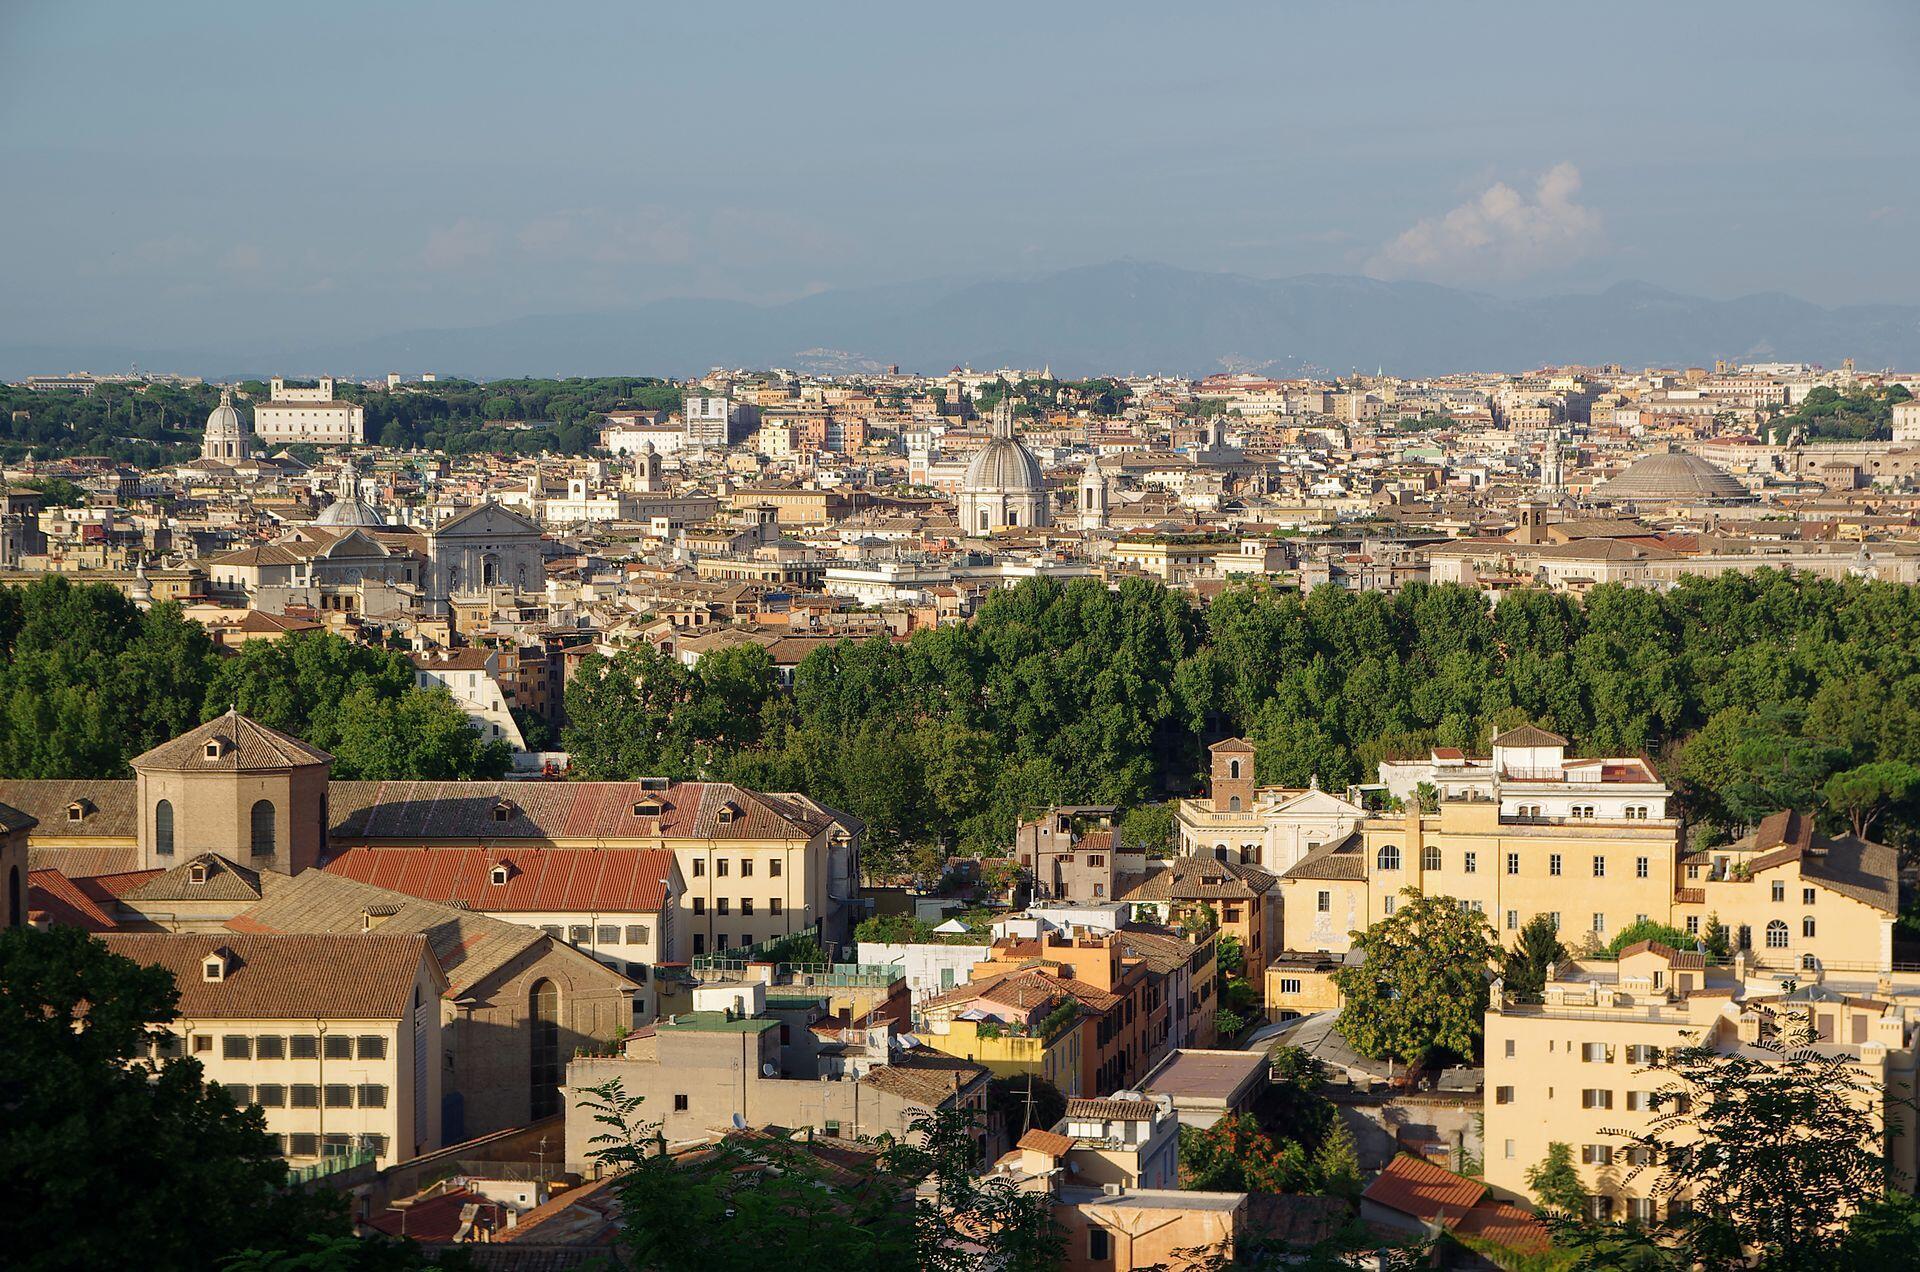 IMAGE Vue de la ville de Rome, Italie.